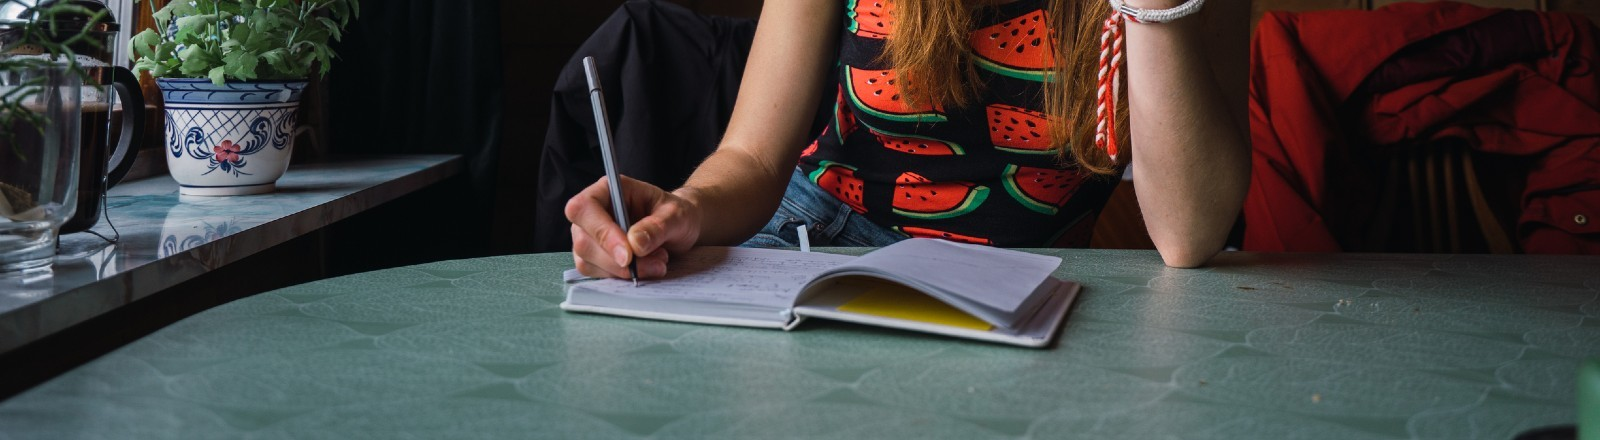 Junge Frau schreibt in einen Planer.